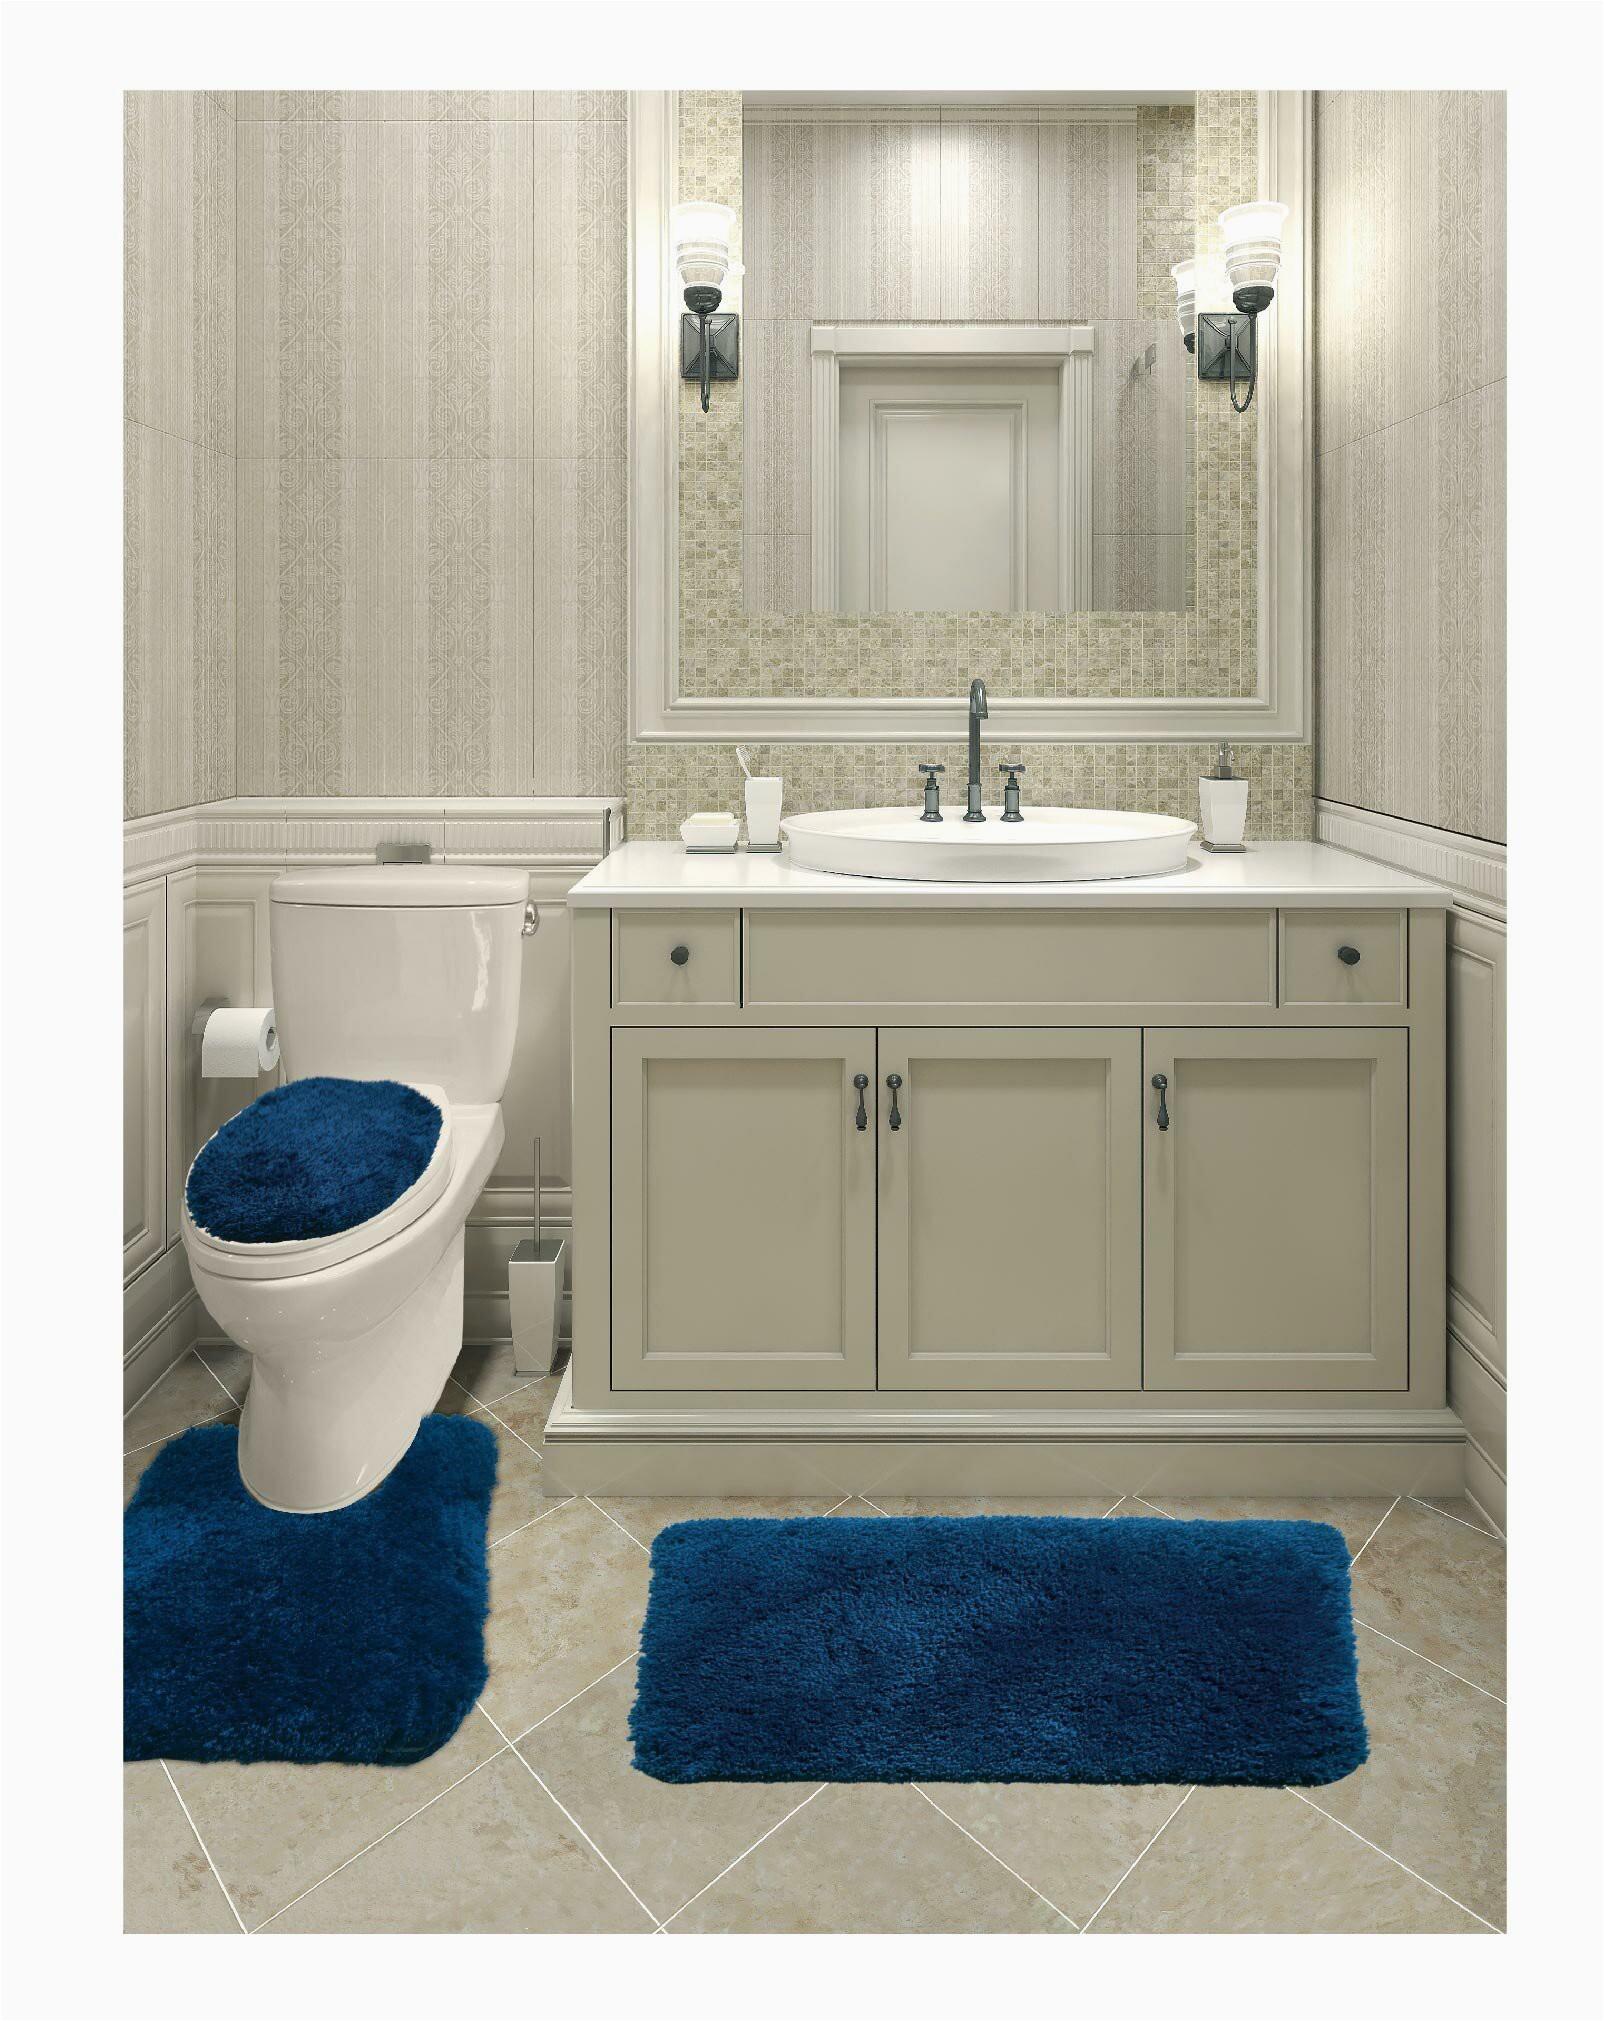 everly quinn micahel solid plush 3 piece bath rug set eyqn4721 piid=